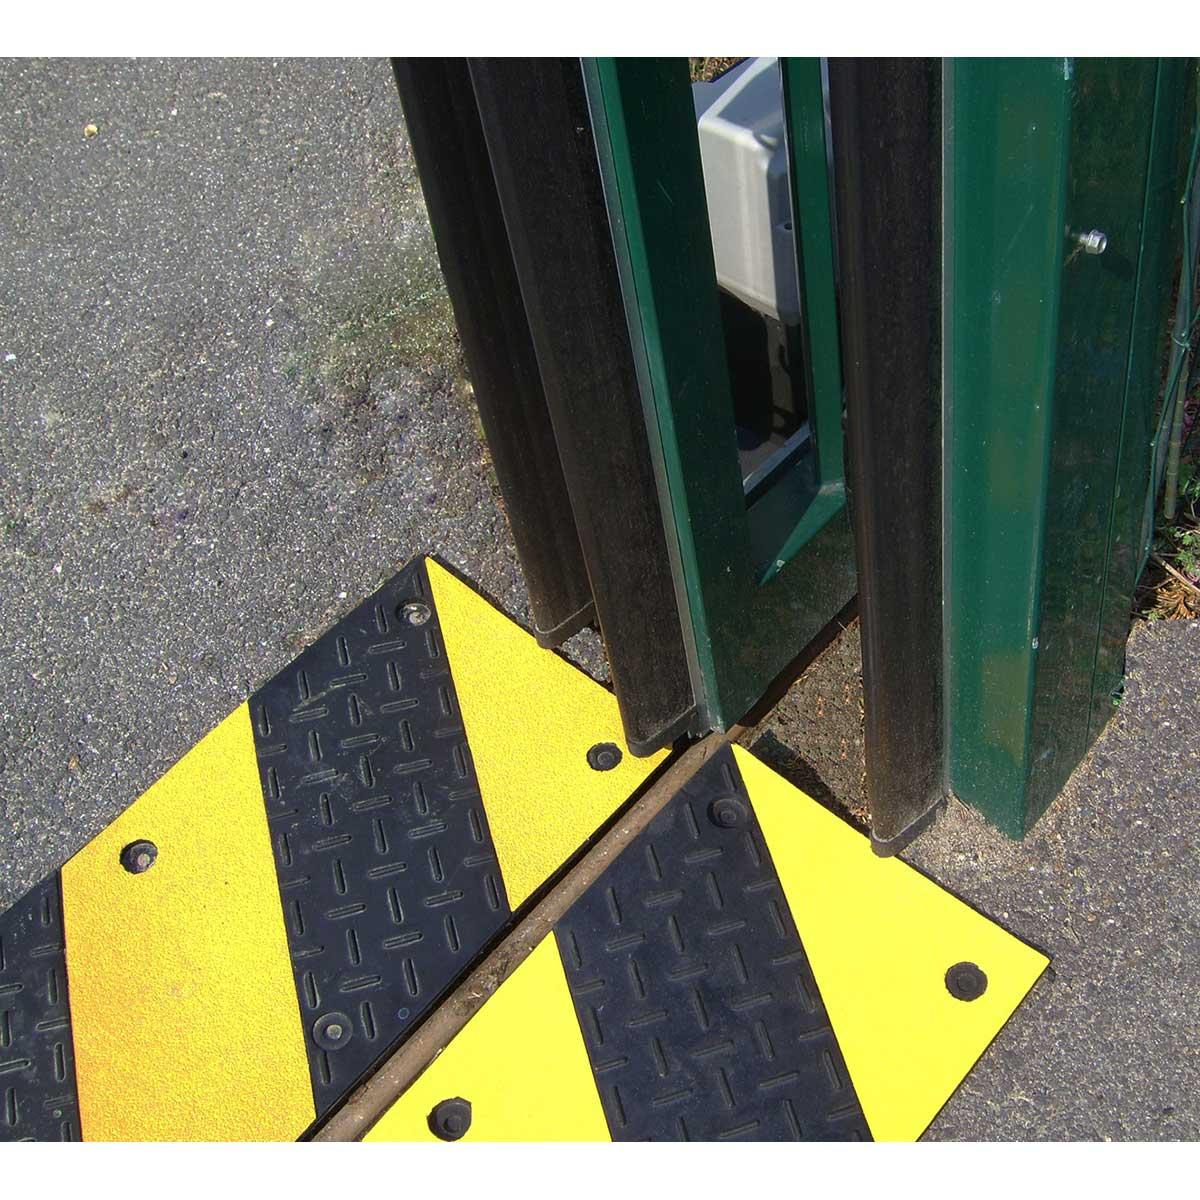 Espejos con bandas reflectantes para salidas o intersecciones Fabricado en policarbonato con bandas reflejantes rojas. Espejo convexo anti-rotura. Para la utilización en vías públicas, parking interiores o exteriores, cruces de visibilidad reducida, etc.